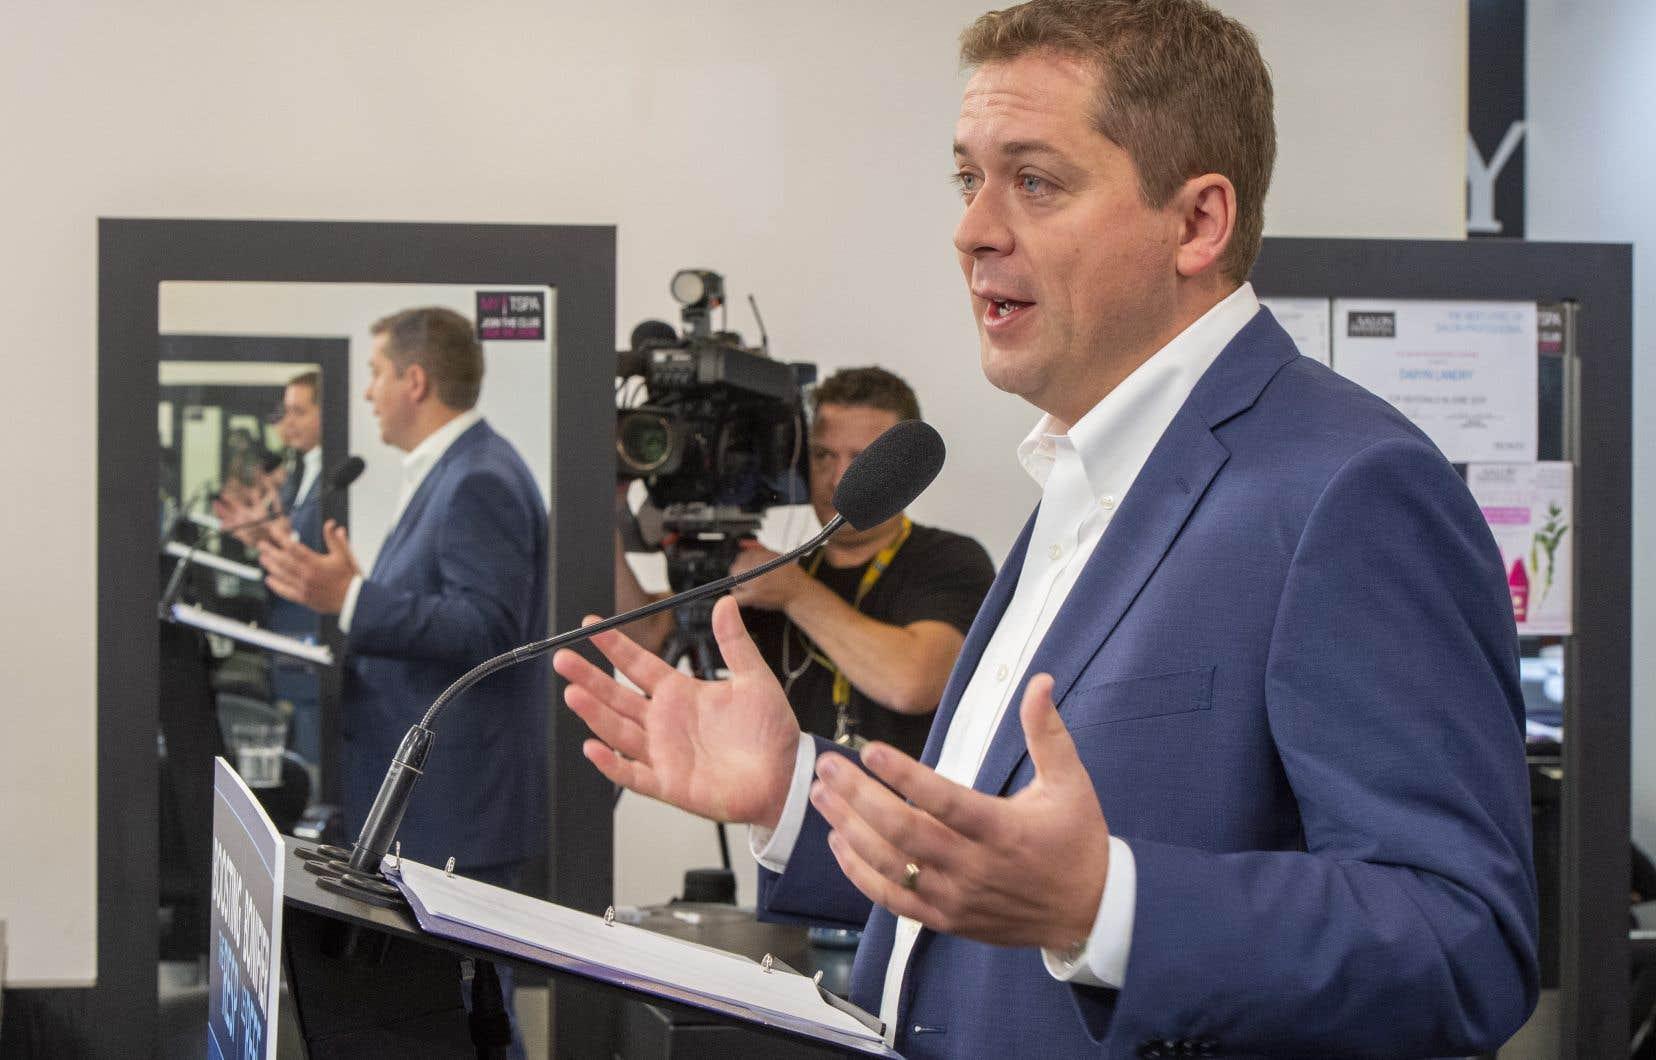 Depuis quelques jours, Andrew Scheer se fait demander par les journalistes si, en tant que premier ministre, il autoriserait un projet de pipeline passant au Québec, projet qui ne fait pas consensus.